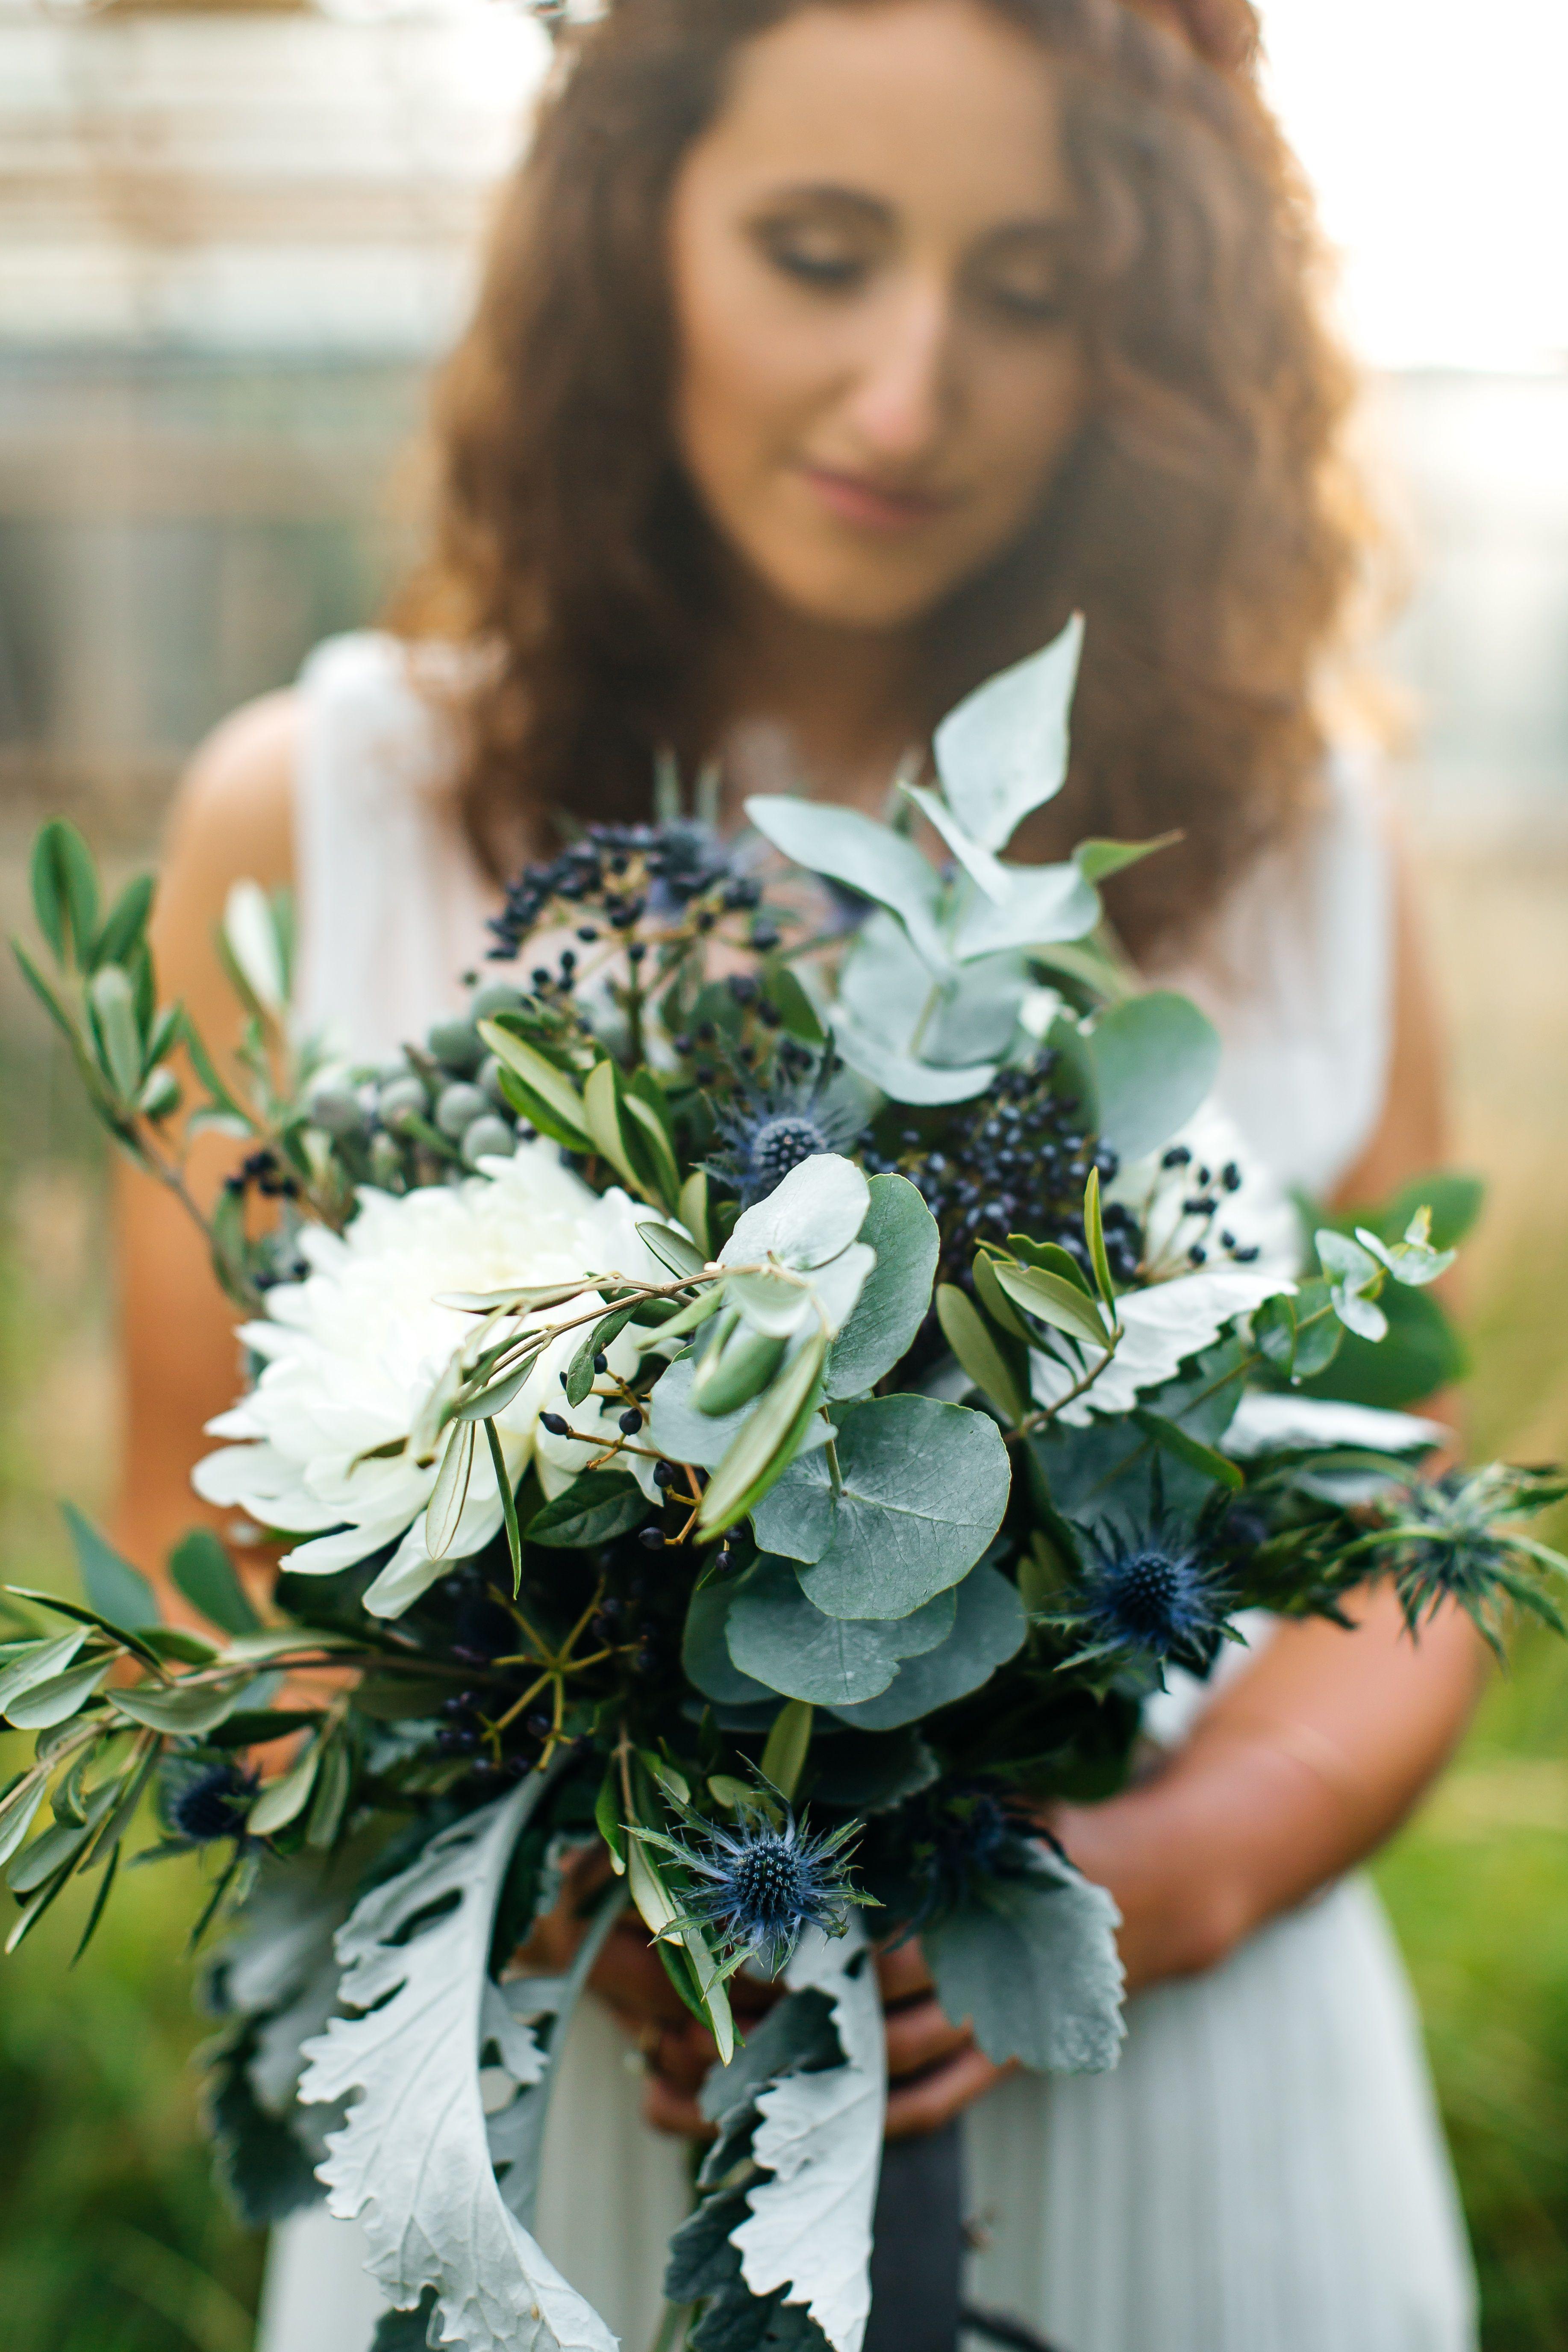 Styled Shooting Bride Braut Bridalbouquet Eukalyptus Disteln Olivzweige Bridaldress Gewachsha Hochzeitsblumen Blumenstrauss Hochzeit Brautstrauss